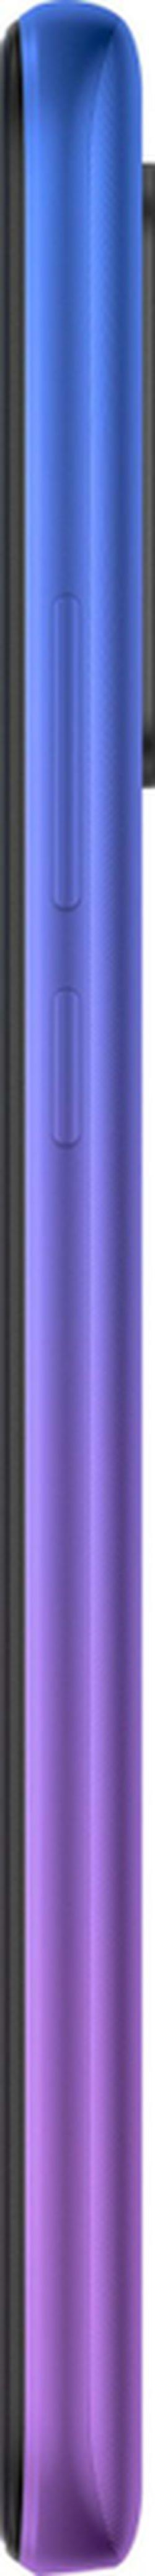 Мобильный телефон Xiaomi Redmi 9 3Gb/32Gb Sunset Purple